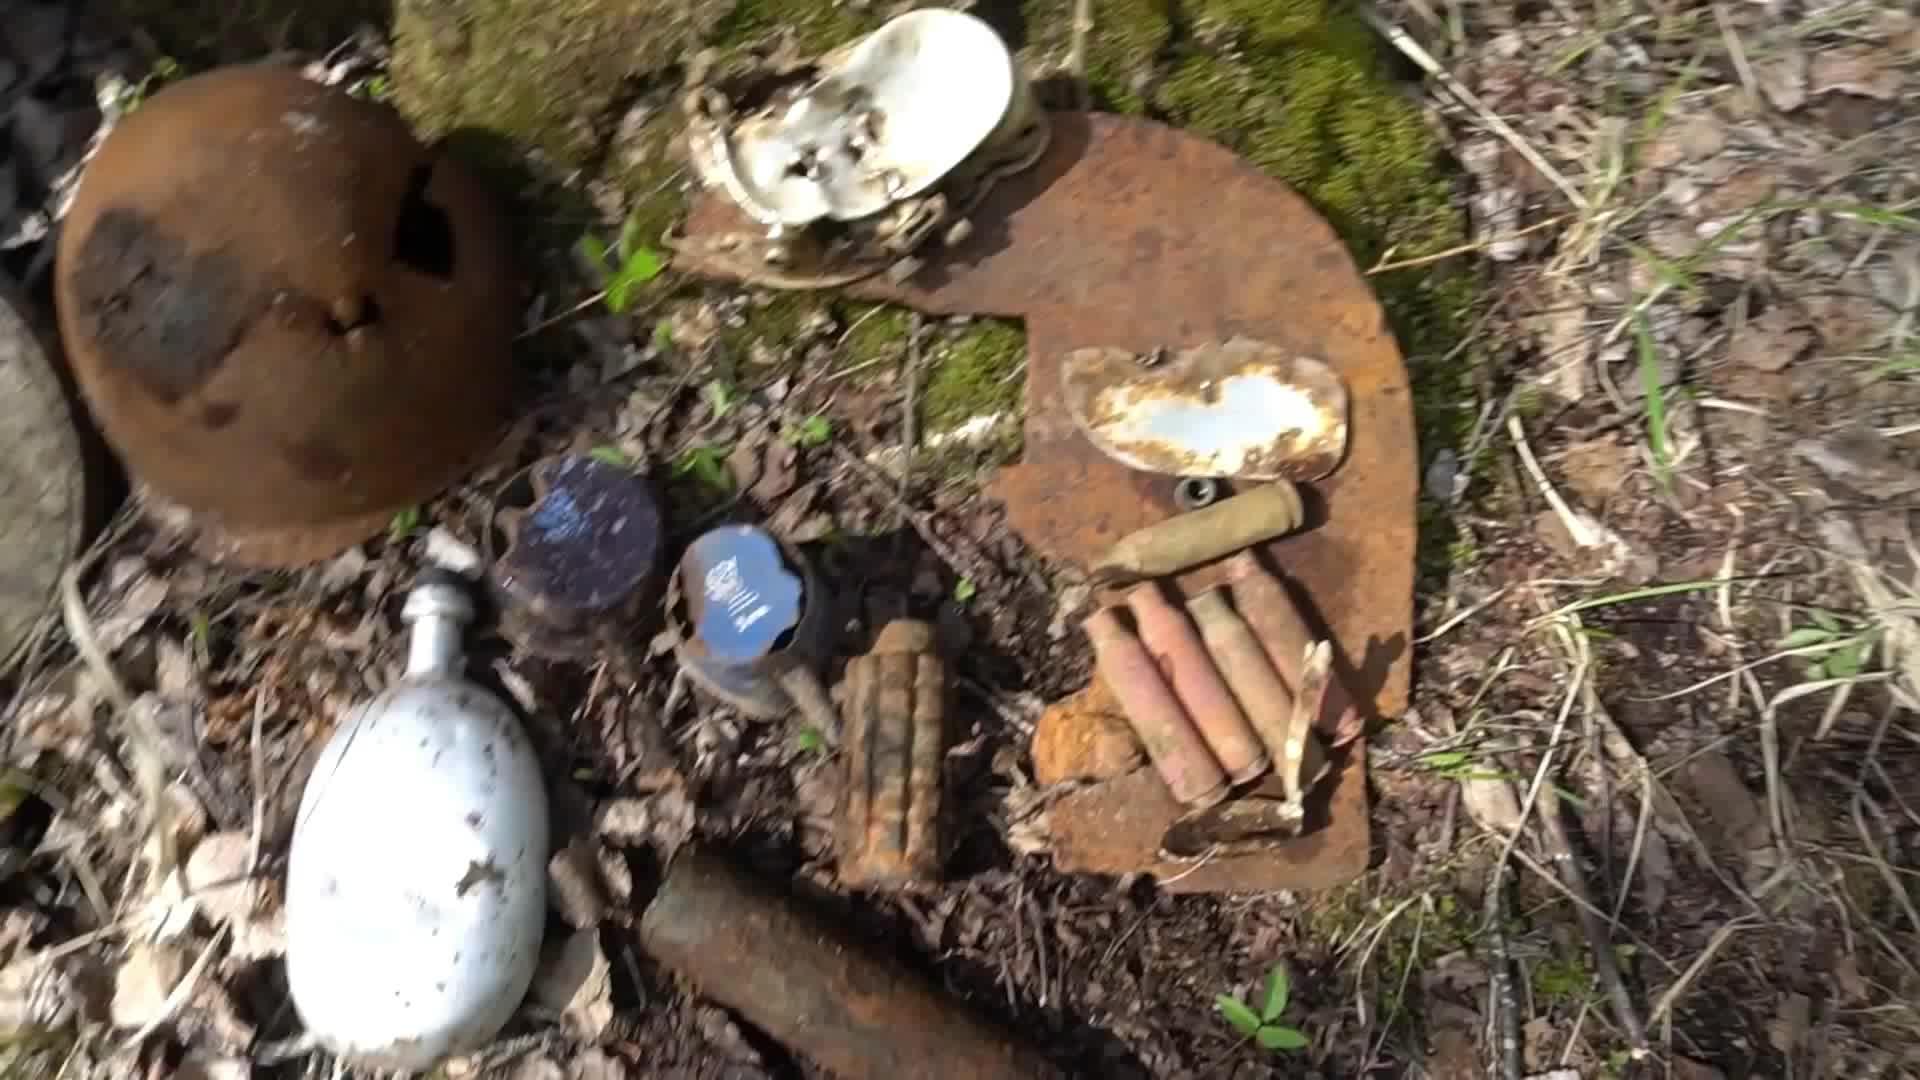 探索二战遗迹收获样数不少,有手榴弹、炮弹、还有反坦克地雷